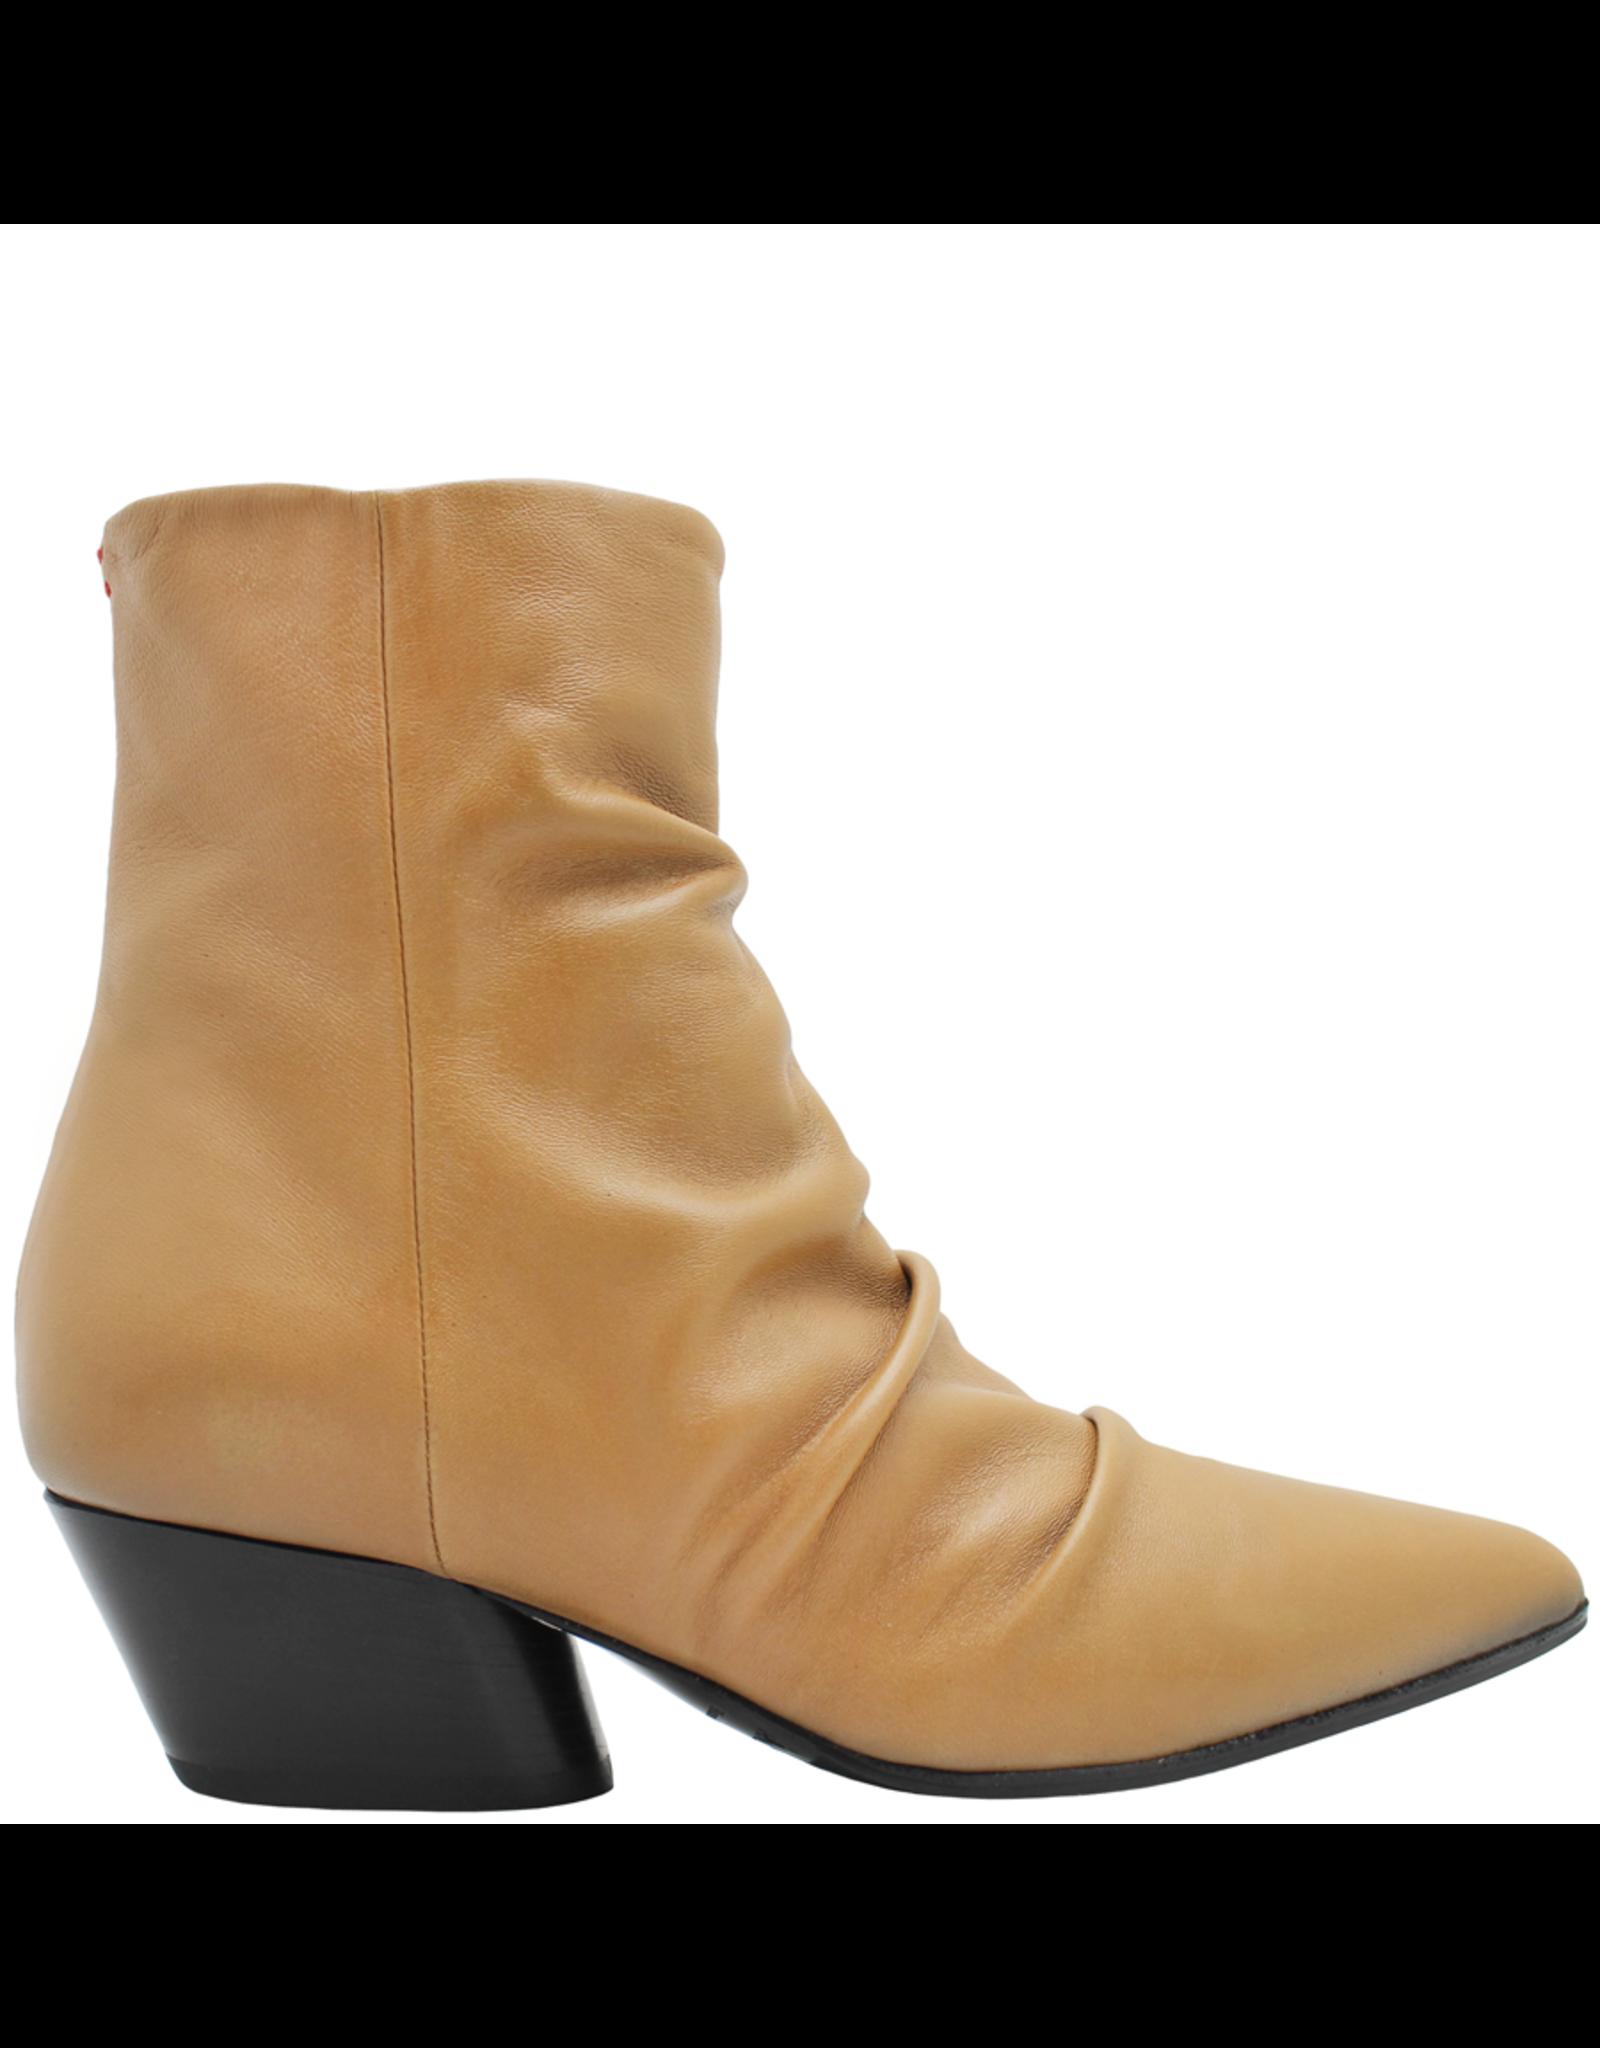 Halmanera Halmanera Camel Ruched Side Zipped Boot Mick